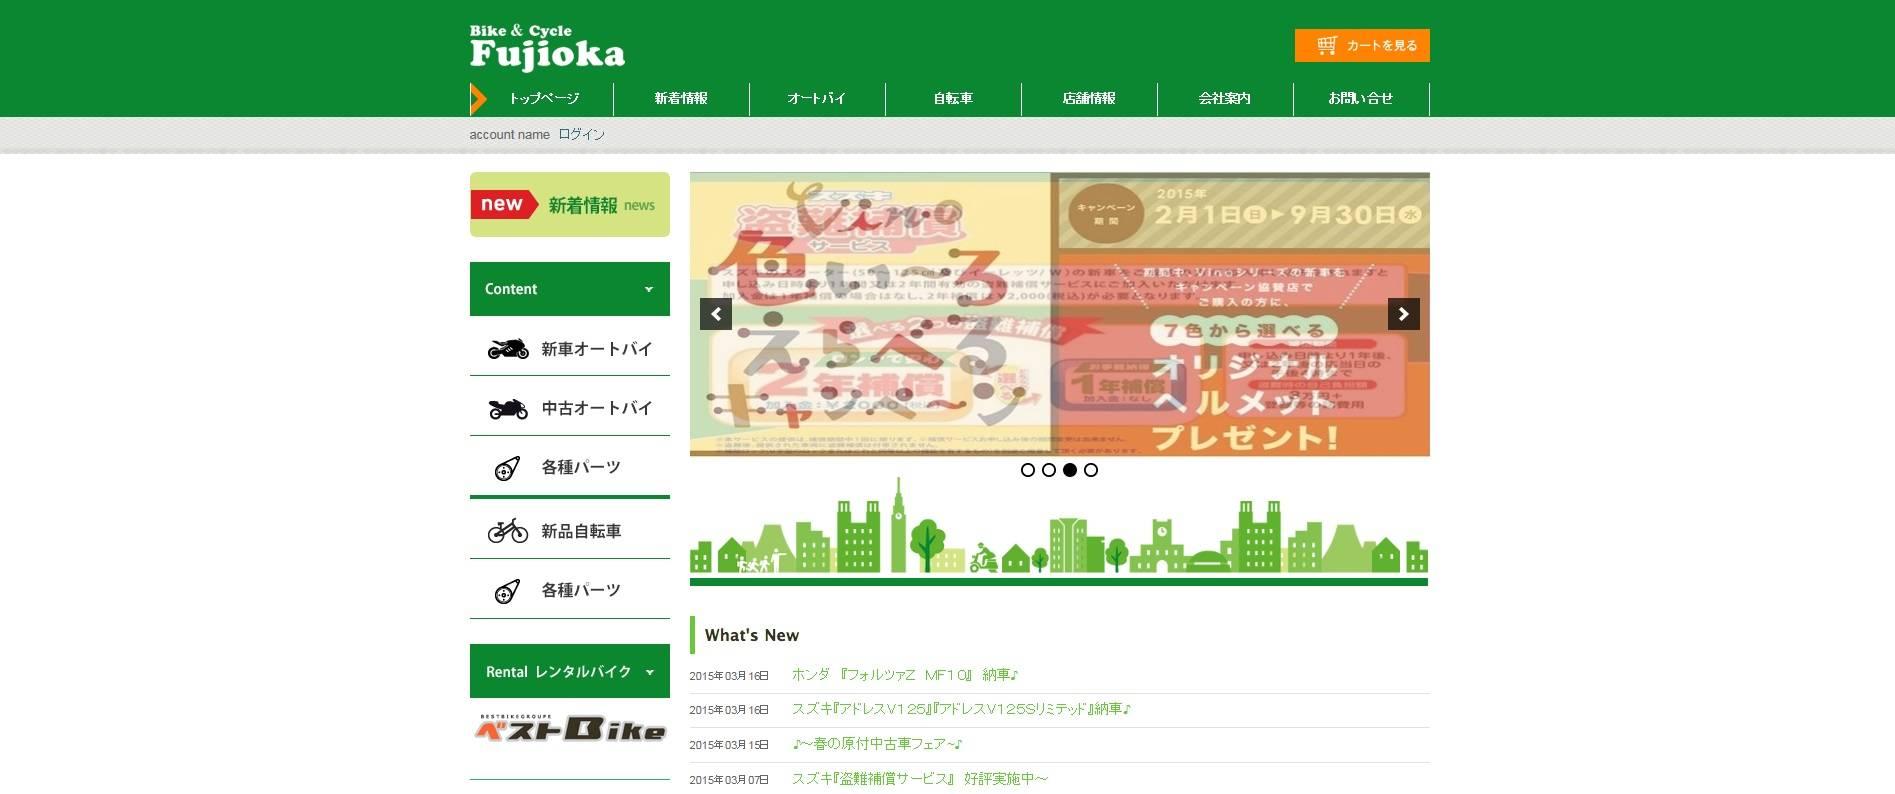 Bike&Cycle Fujioka